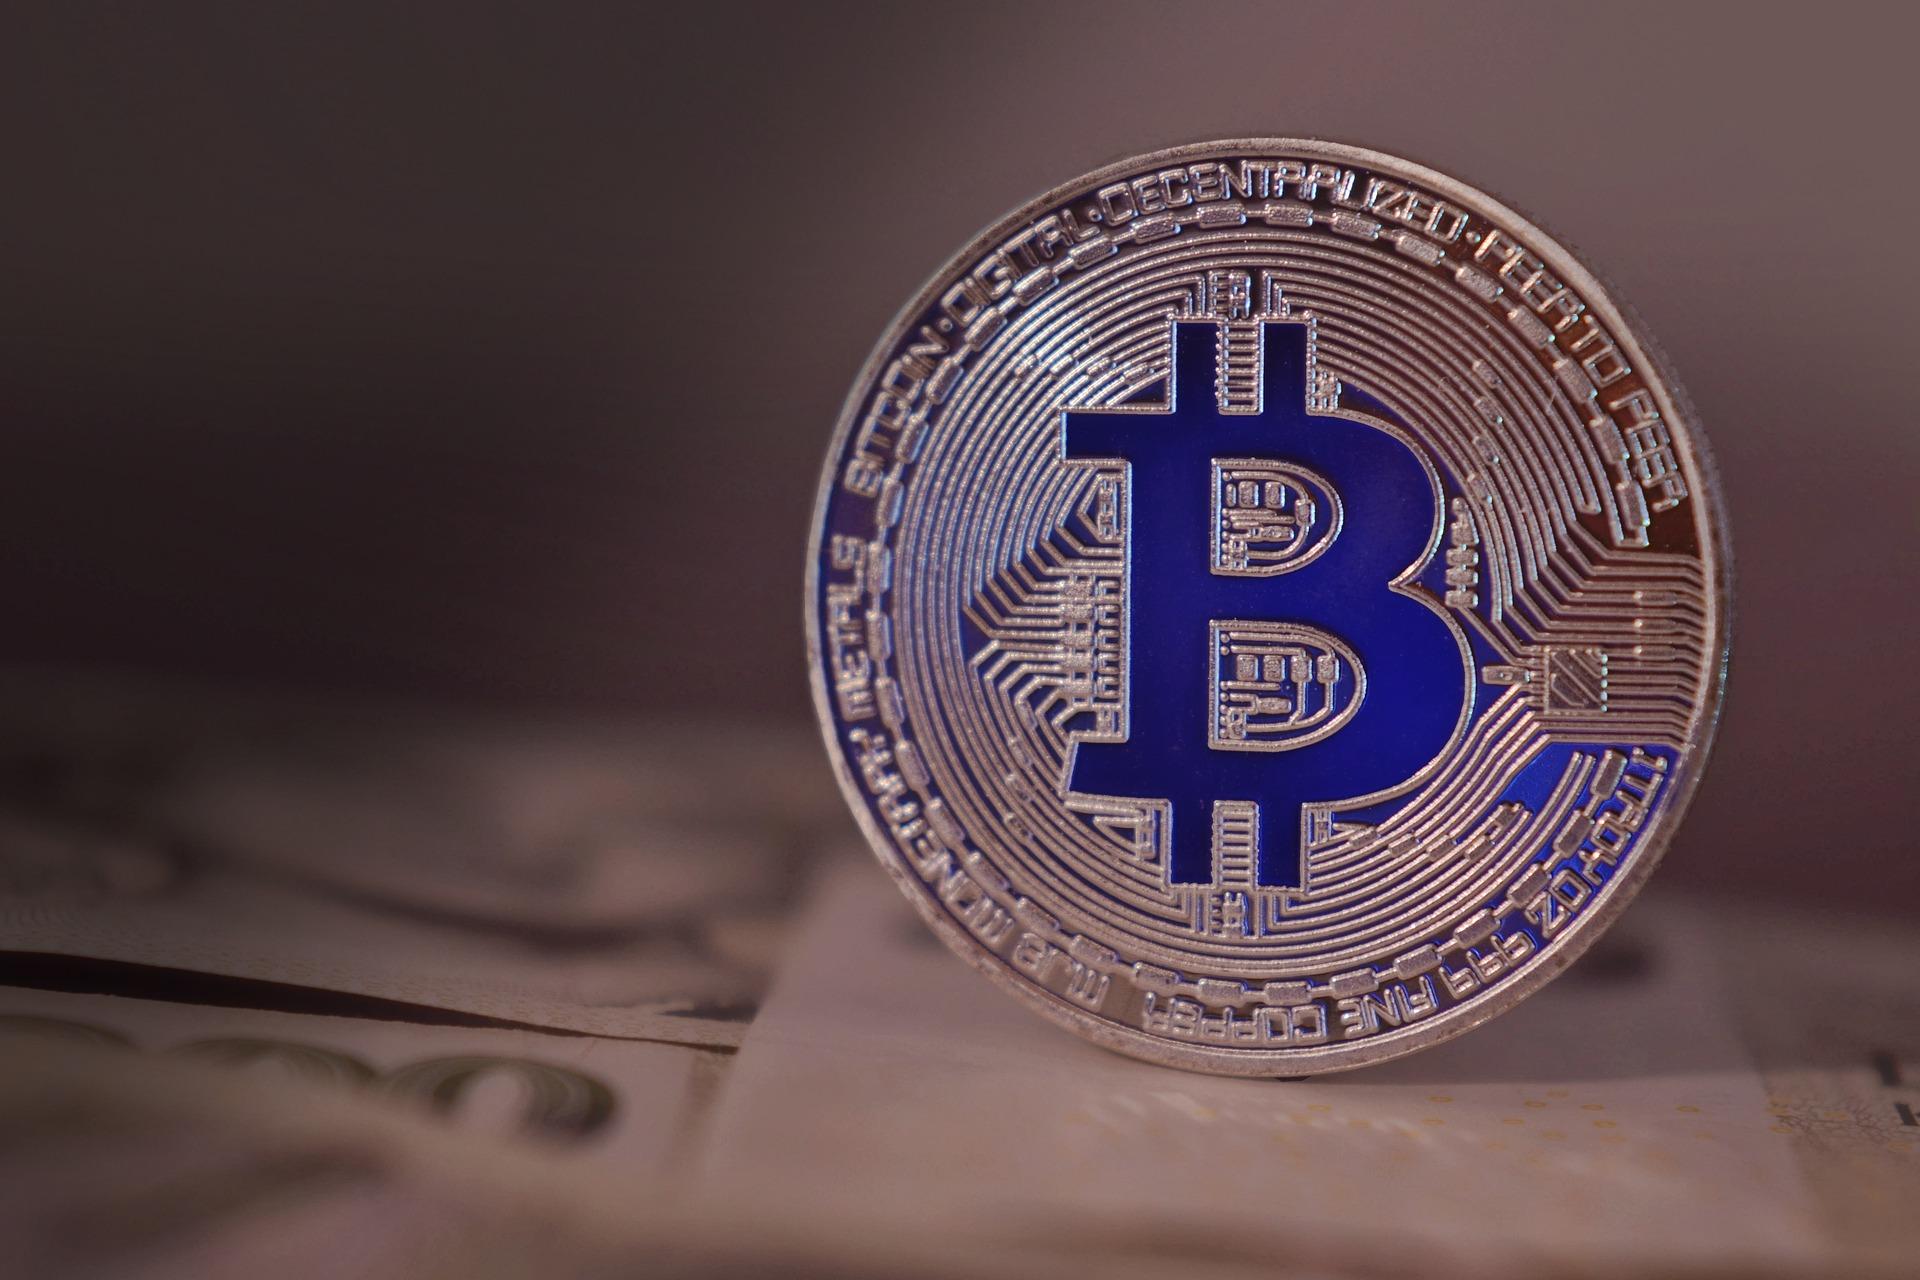 북미 최초 비트코인 ETF, 자산 총액 10억 달러 돌파